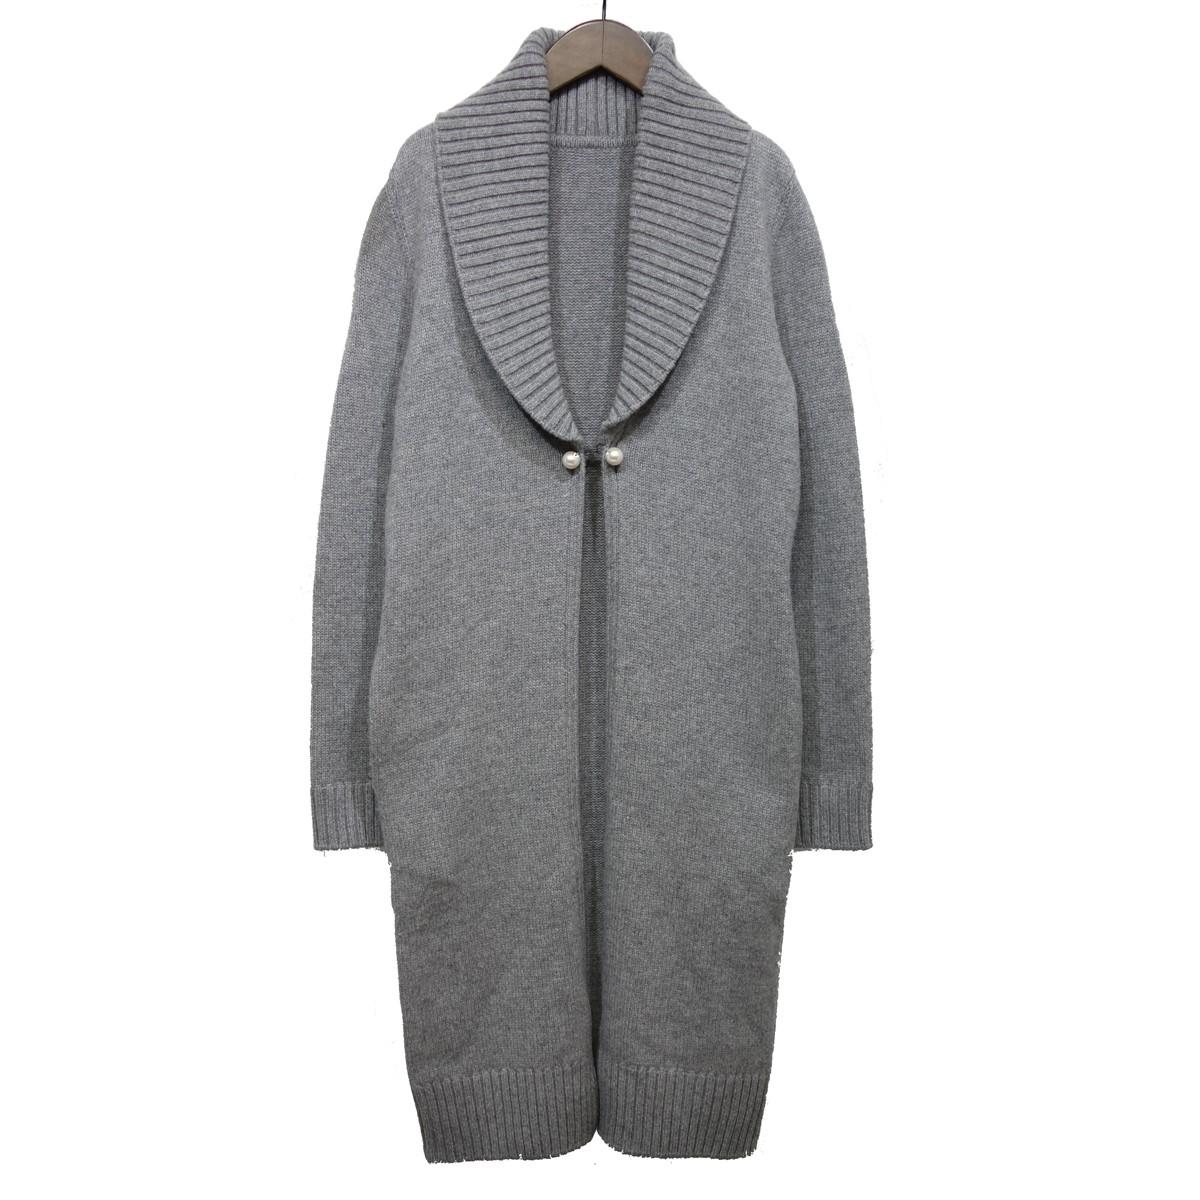 【中古】FOXEY カシミヤ100%ニットジャケット グレー サイズ:38 【190920】(フォクシー)